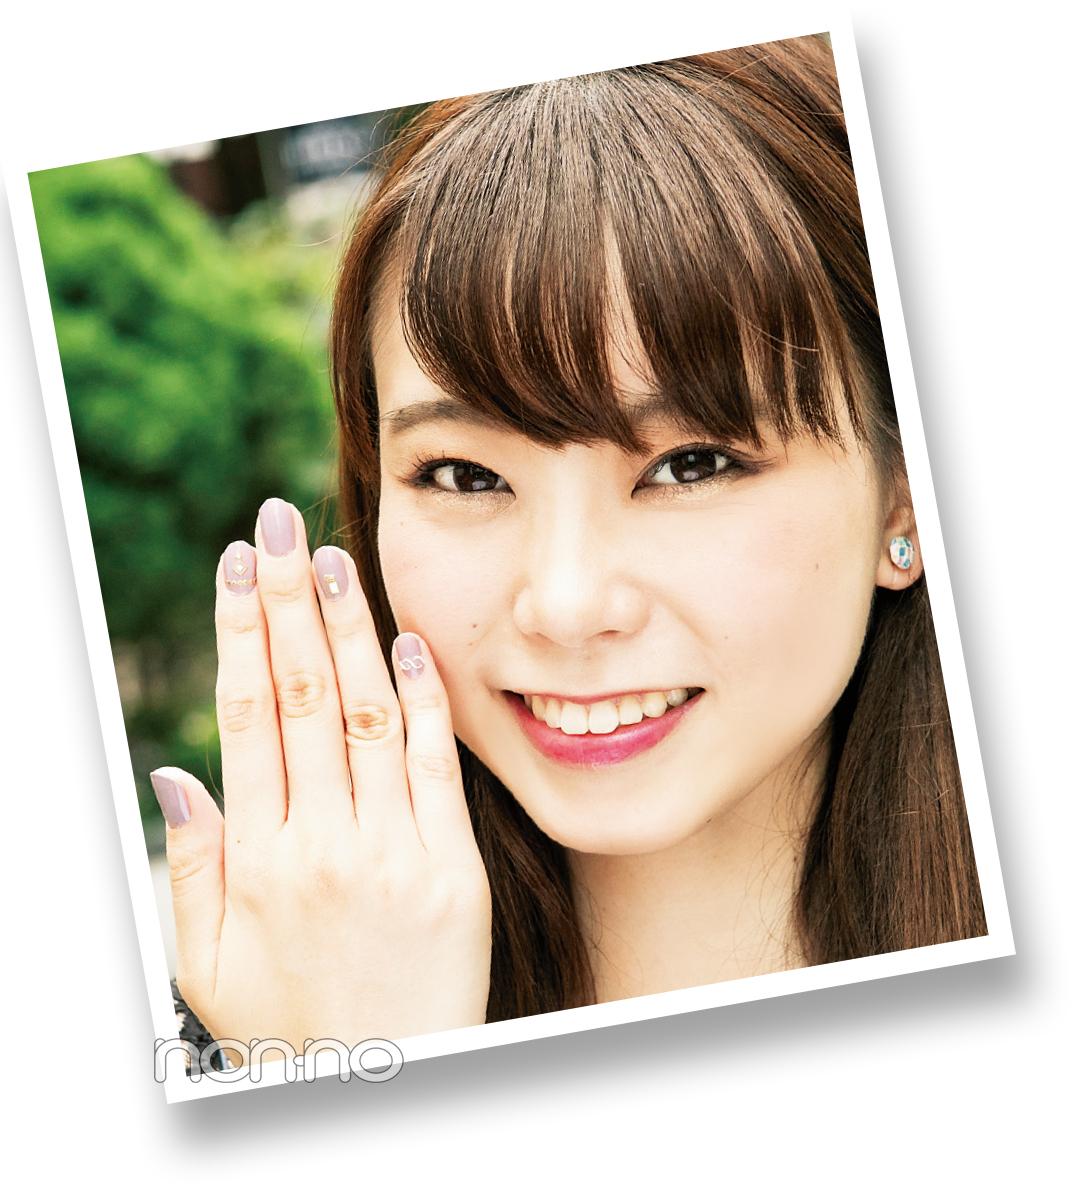 ノンノ専属読モ・カワイイ選抜が9月から取り入れてる秋ネイルって?  _2_1